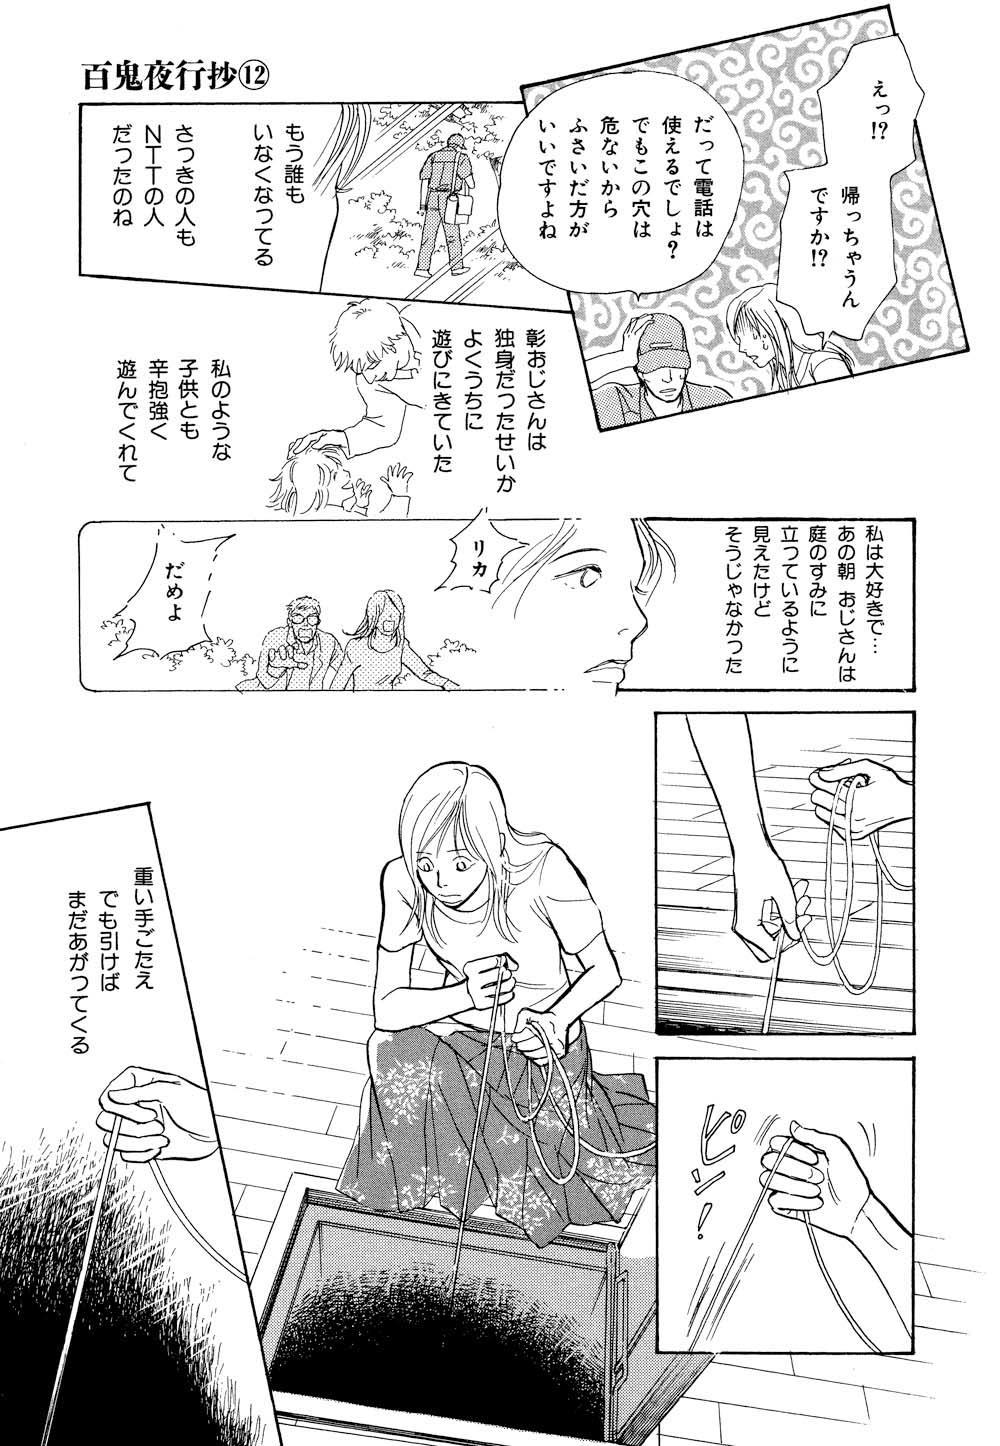 百鬼夜行抄_12_0165.jpg